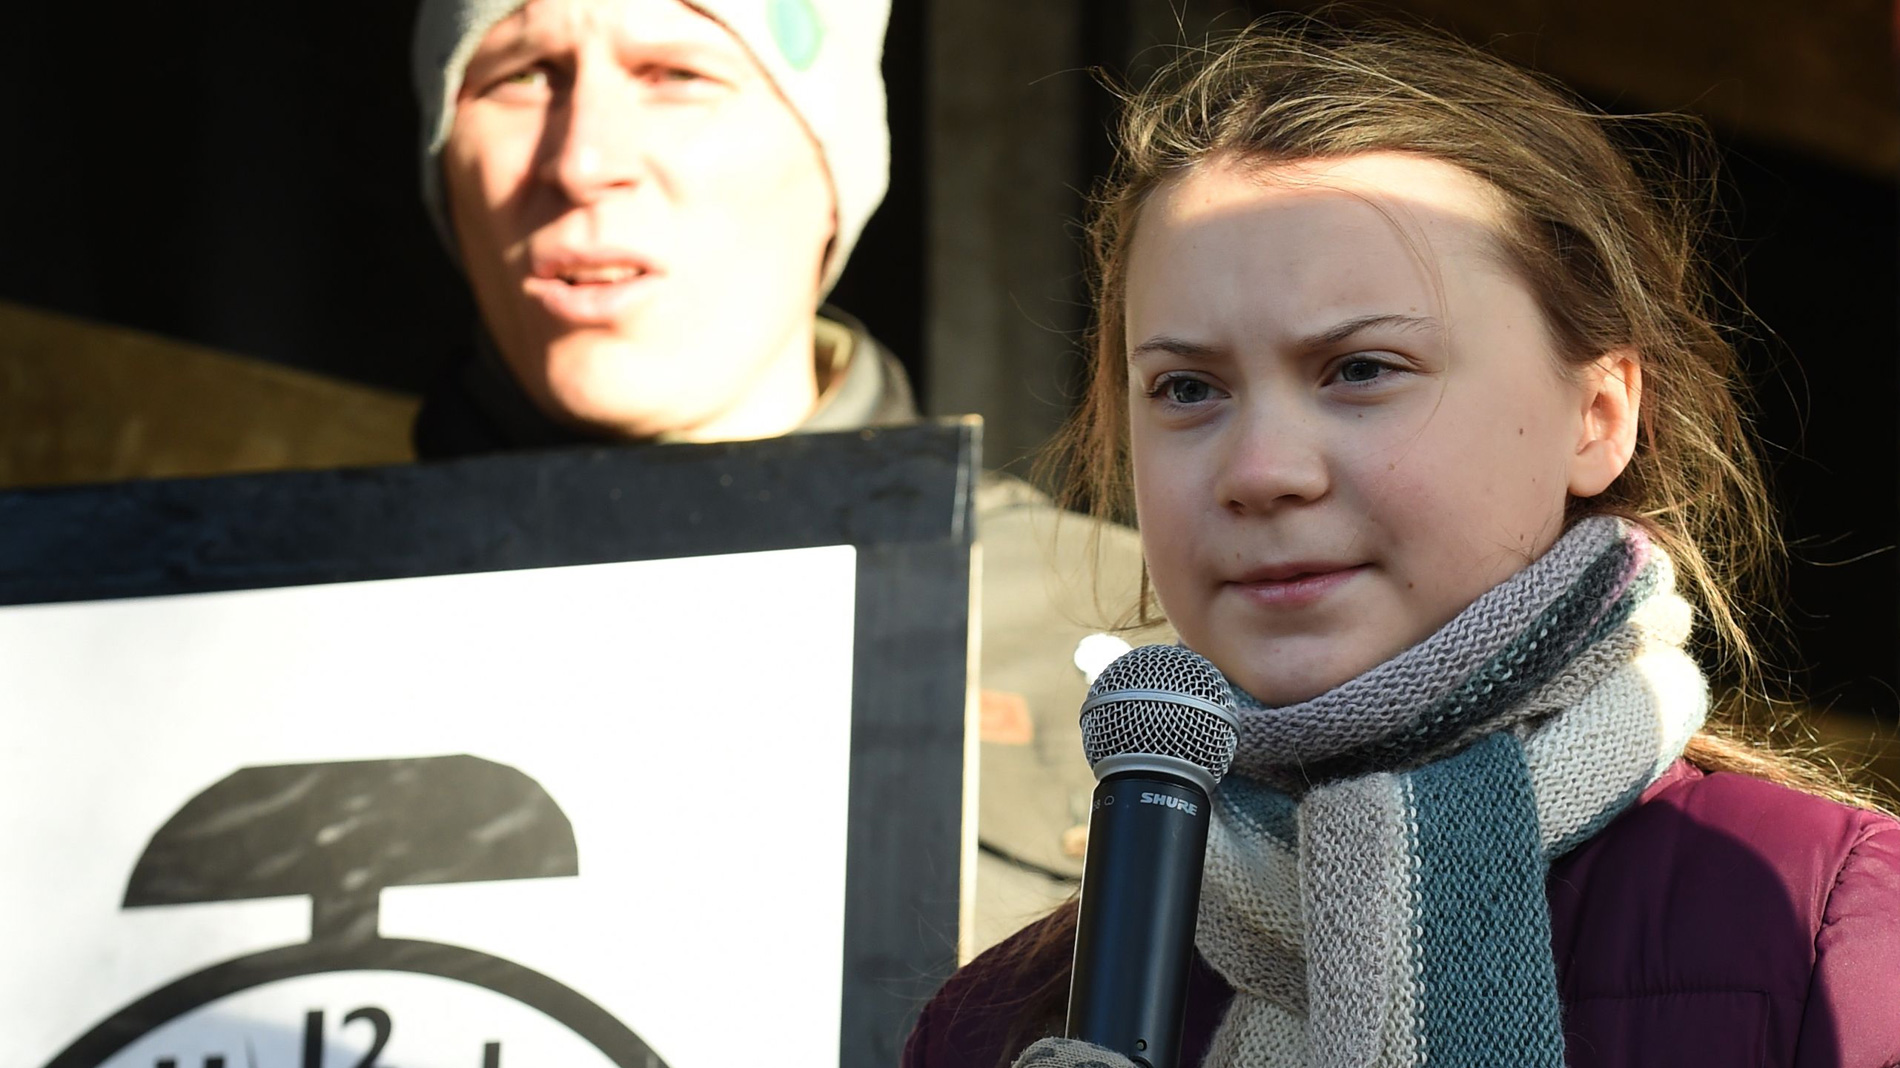 Una niña sueca de 15 años lidera una campaña de protesta por el cambio climático